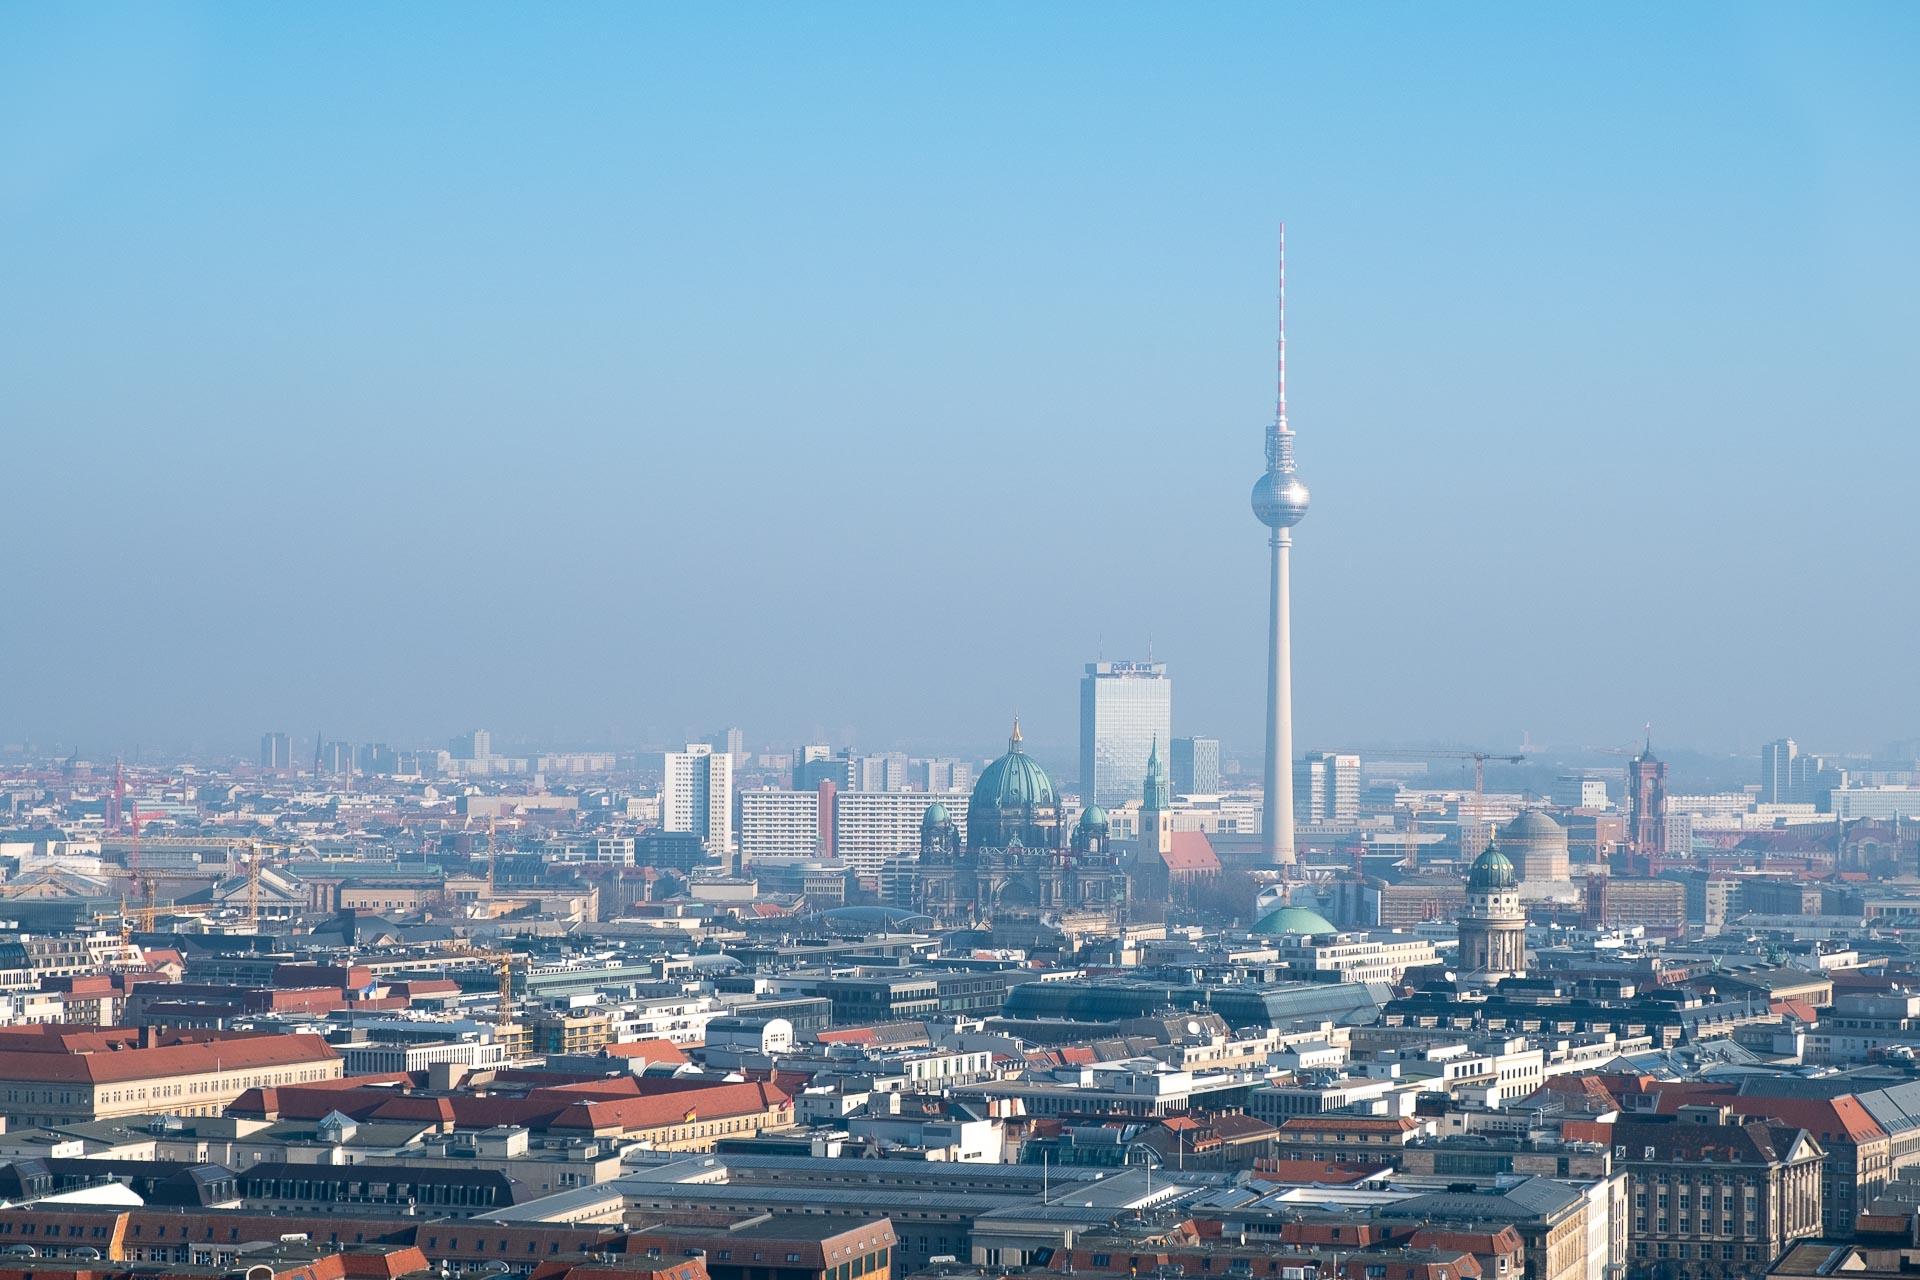 Skyline mit Fernsehturm von Berlin